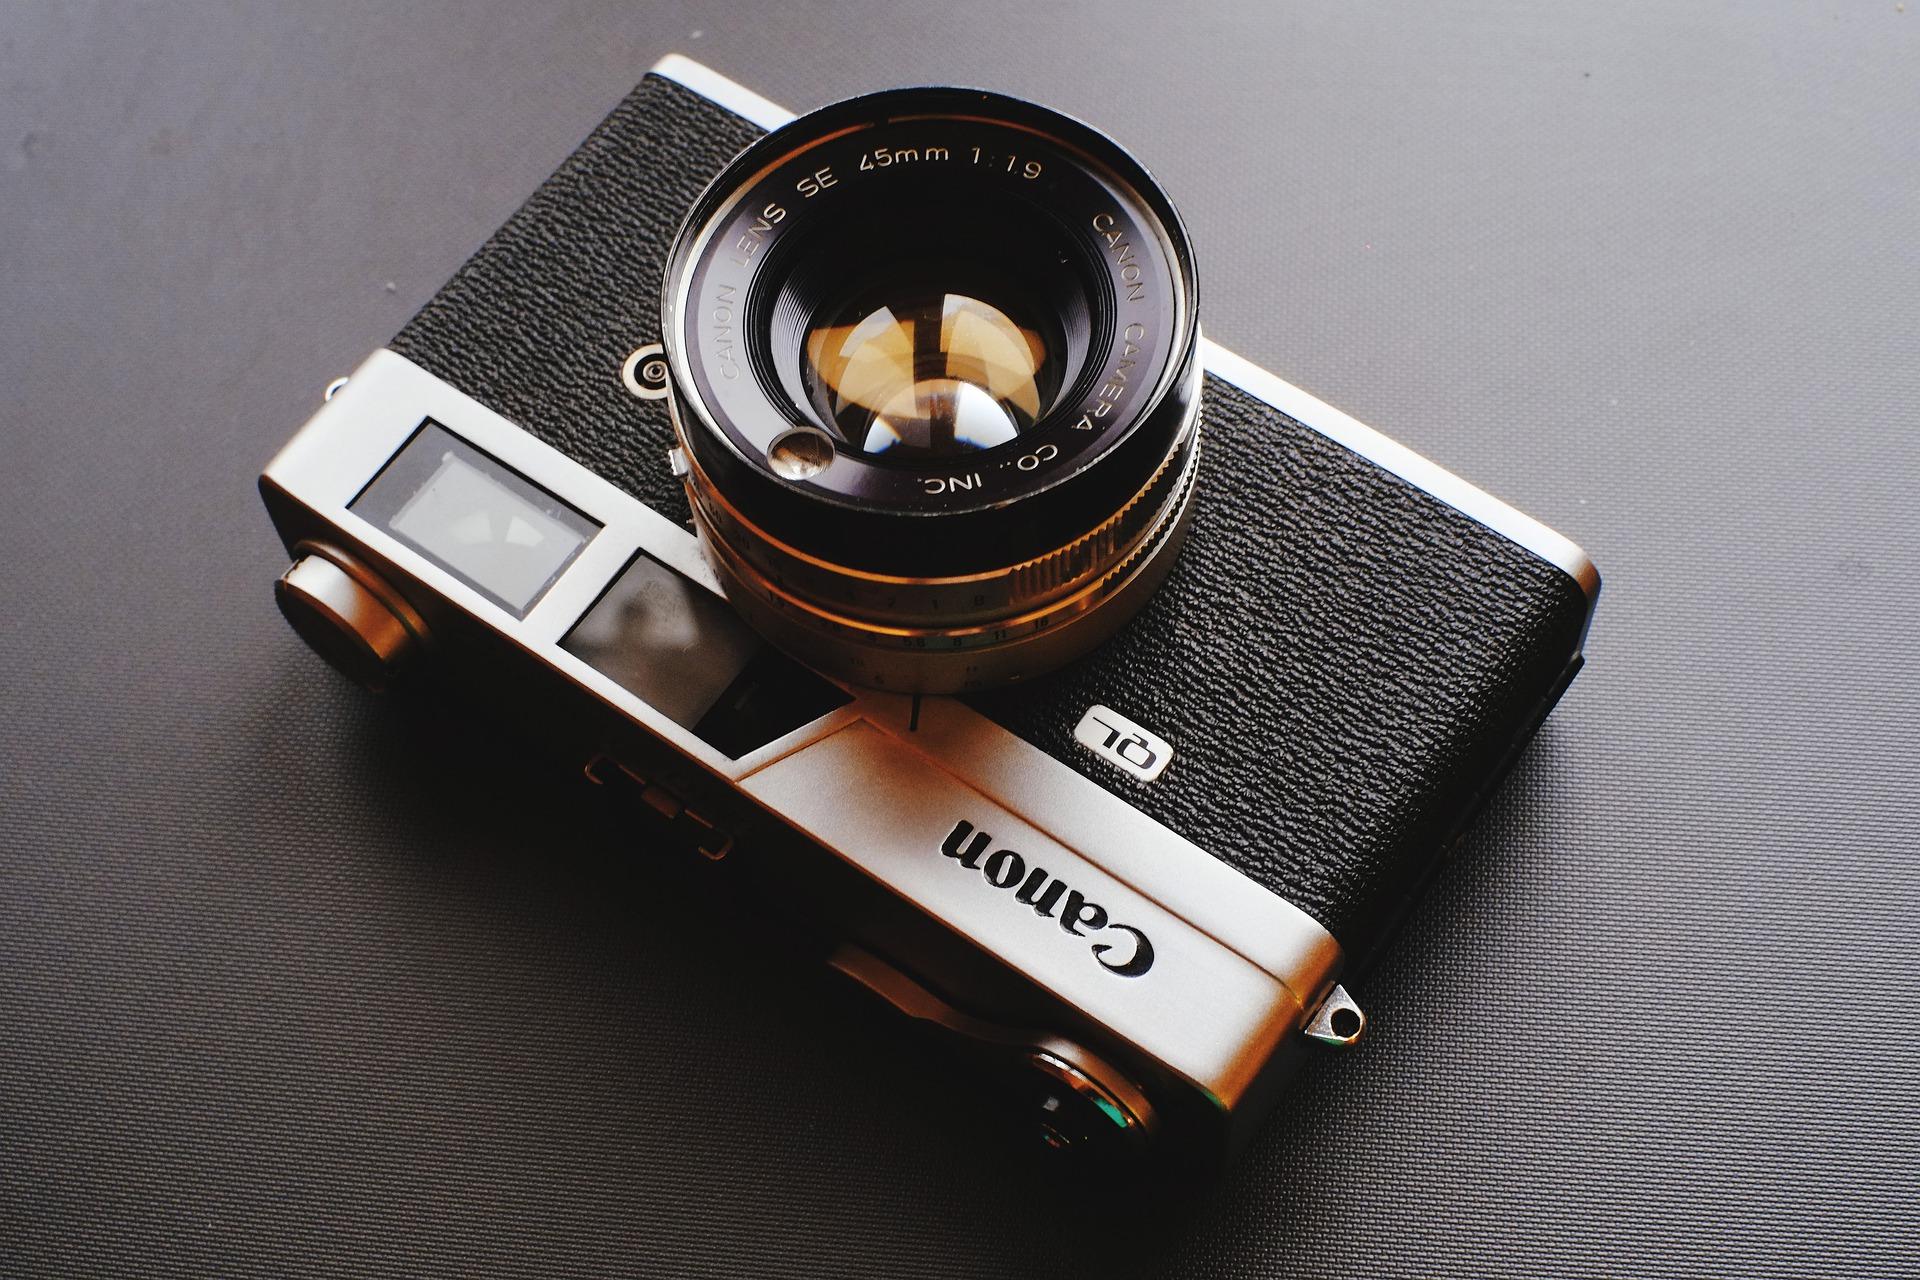 Imagem mostra uma câmera analógica Canon em destaque.